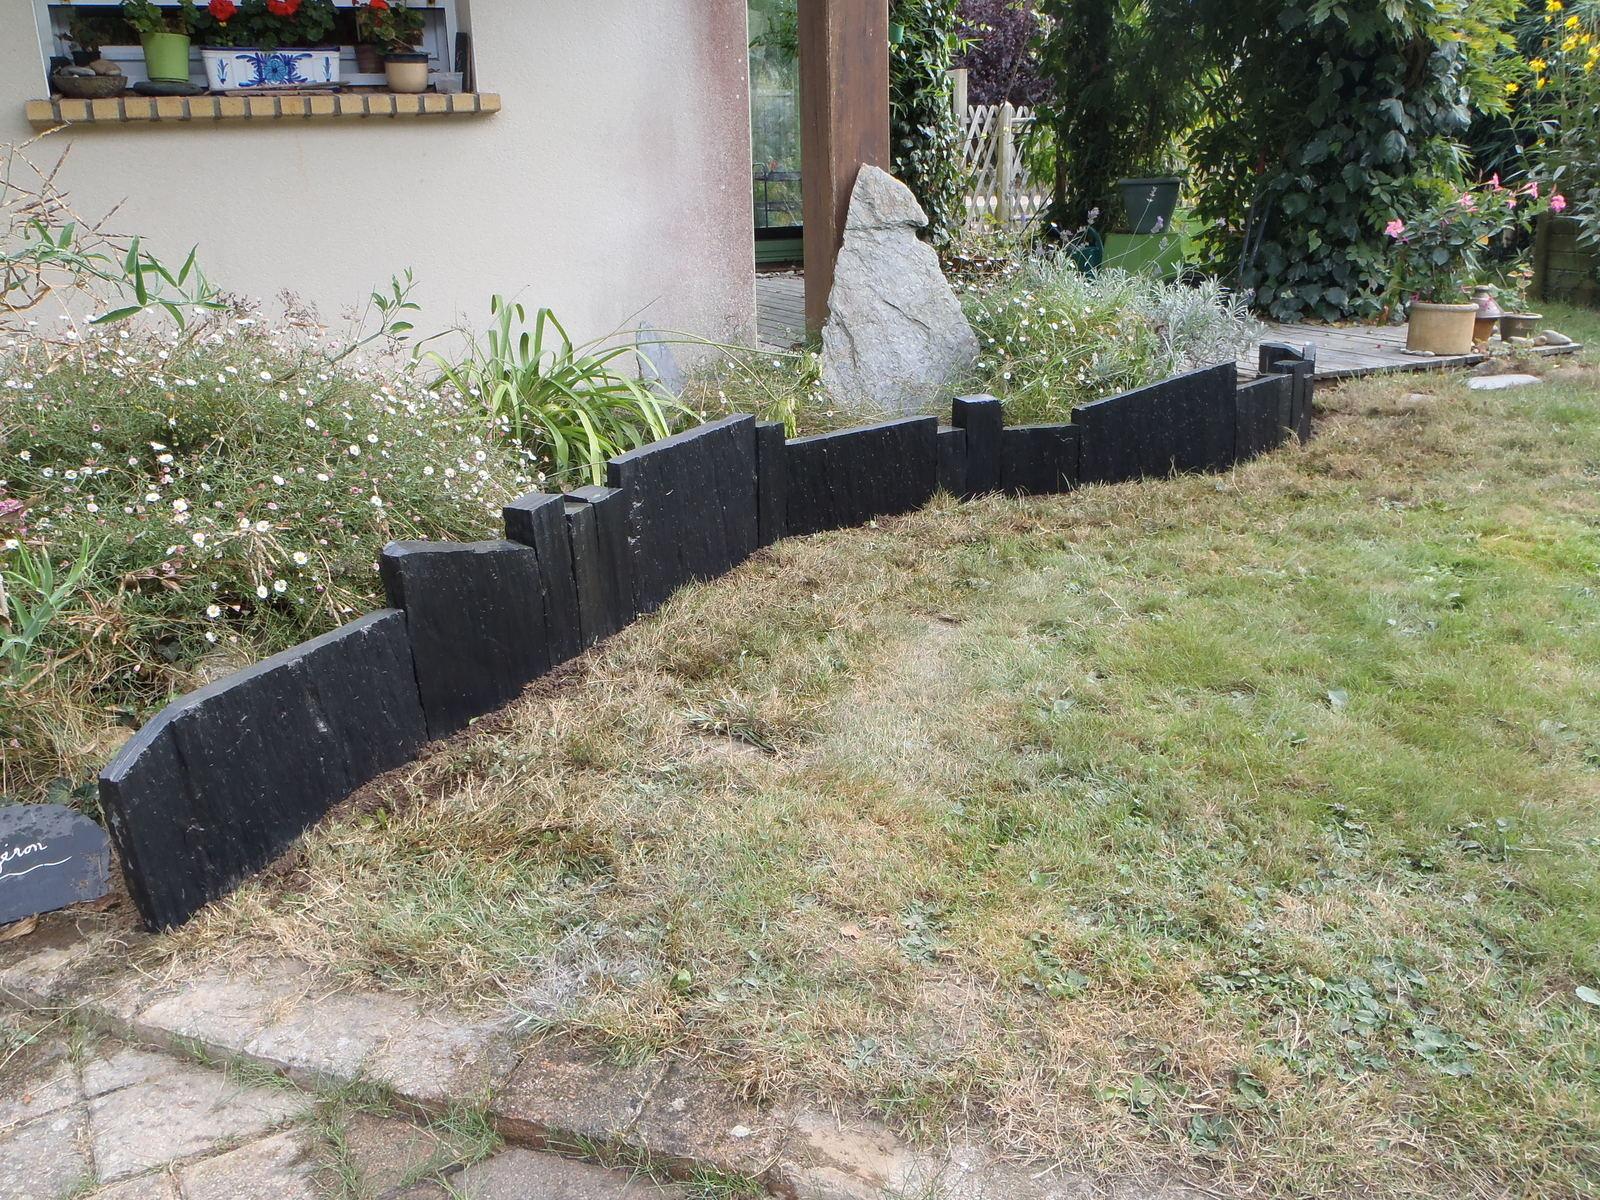 Pose D'une Bordure En Palis (Schiste) - Hazo Bois & Jardins ... destiné Poser Des Bordures De Jardin